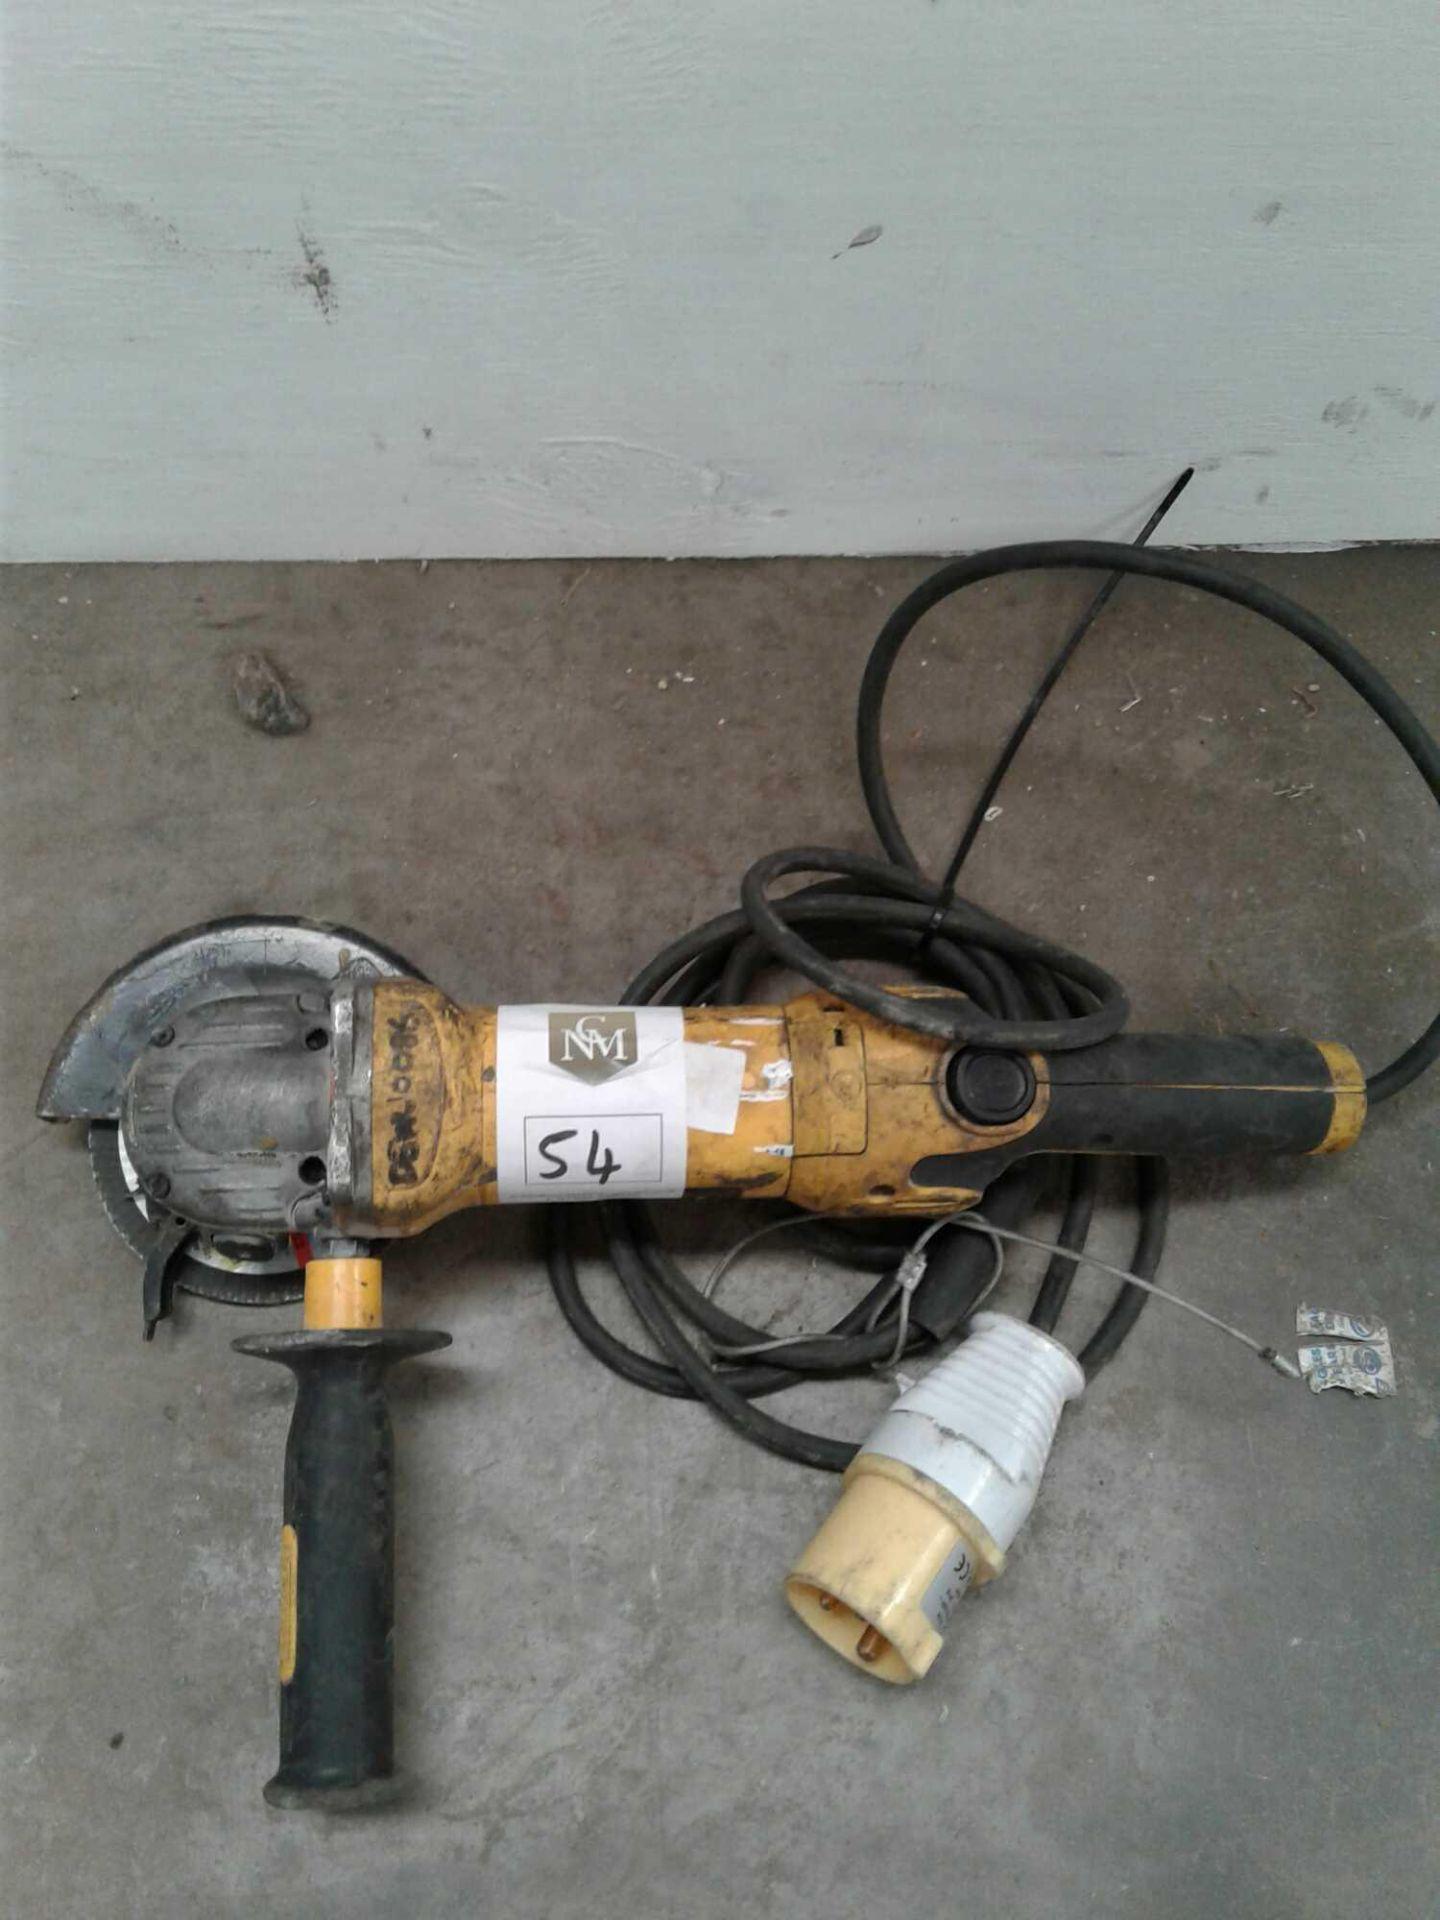 Lot 54 - DeWalt 4 inch grinder 110 V